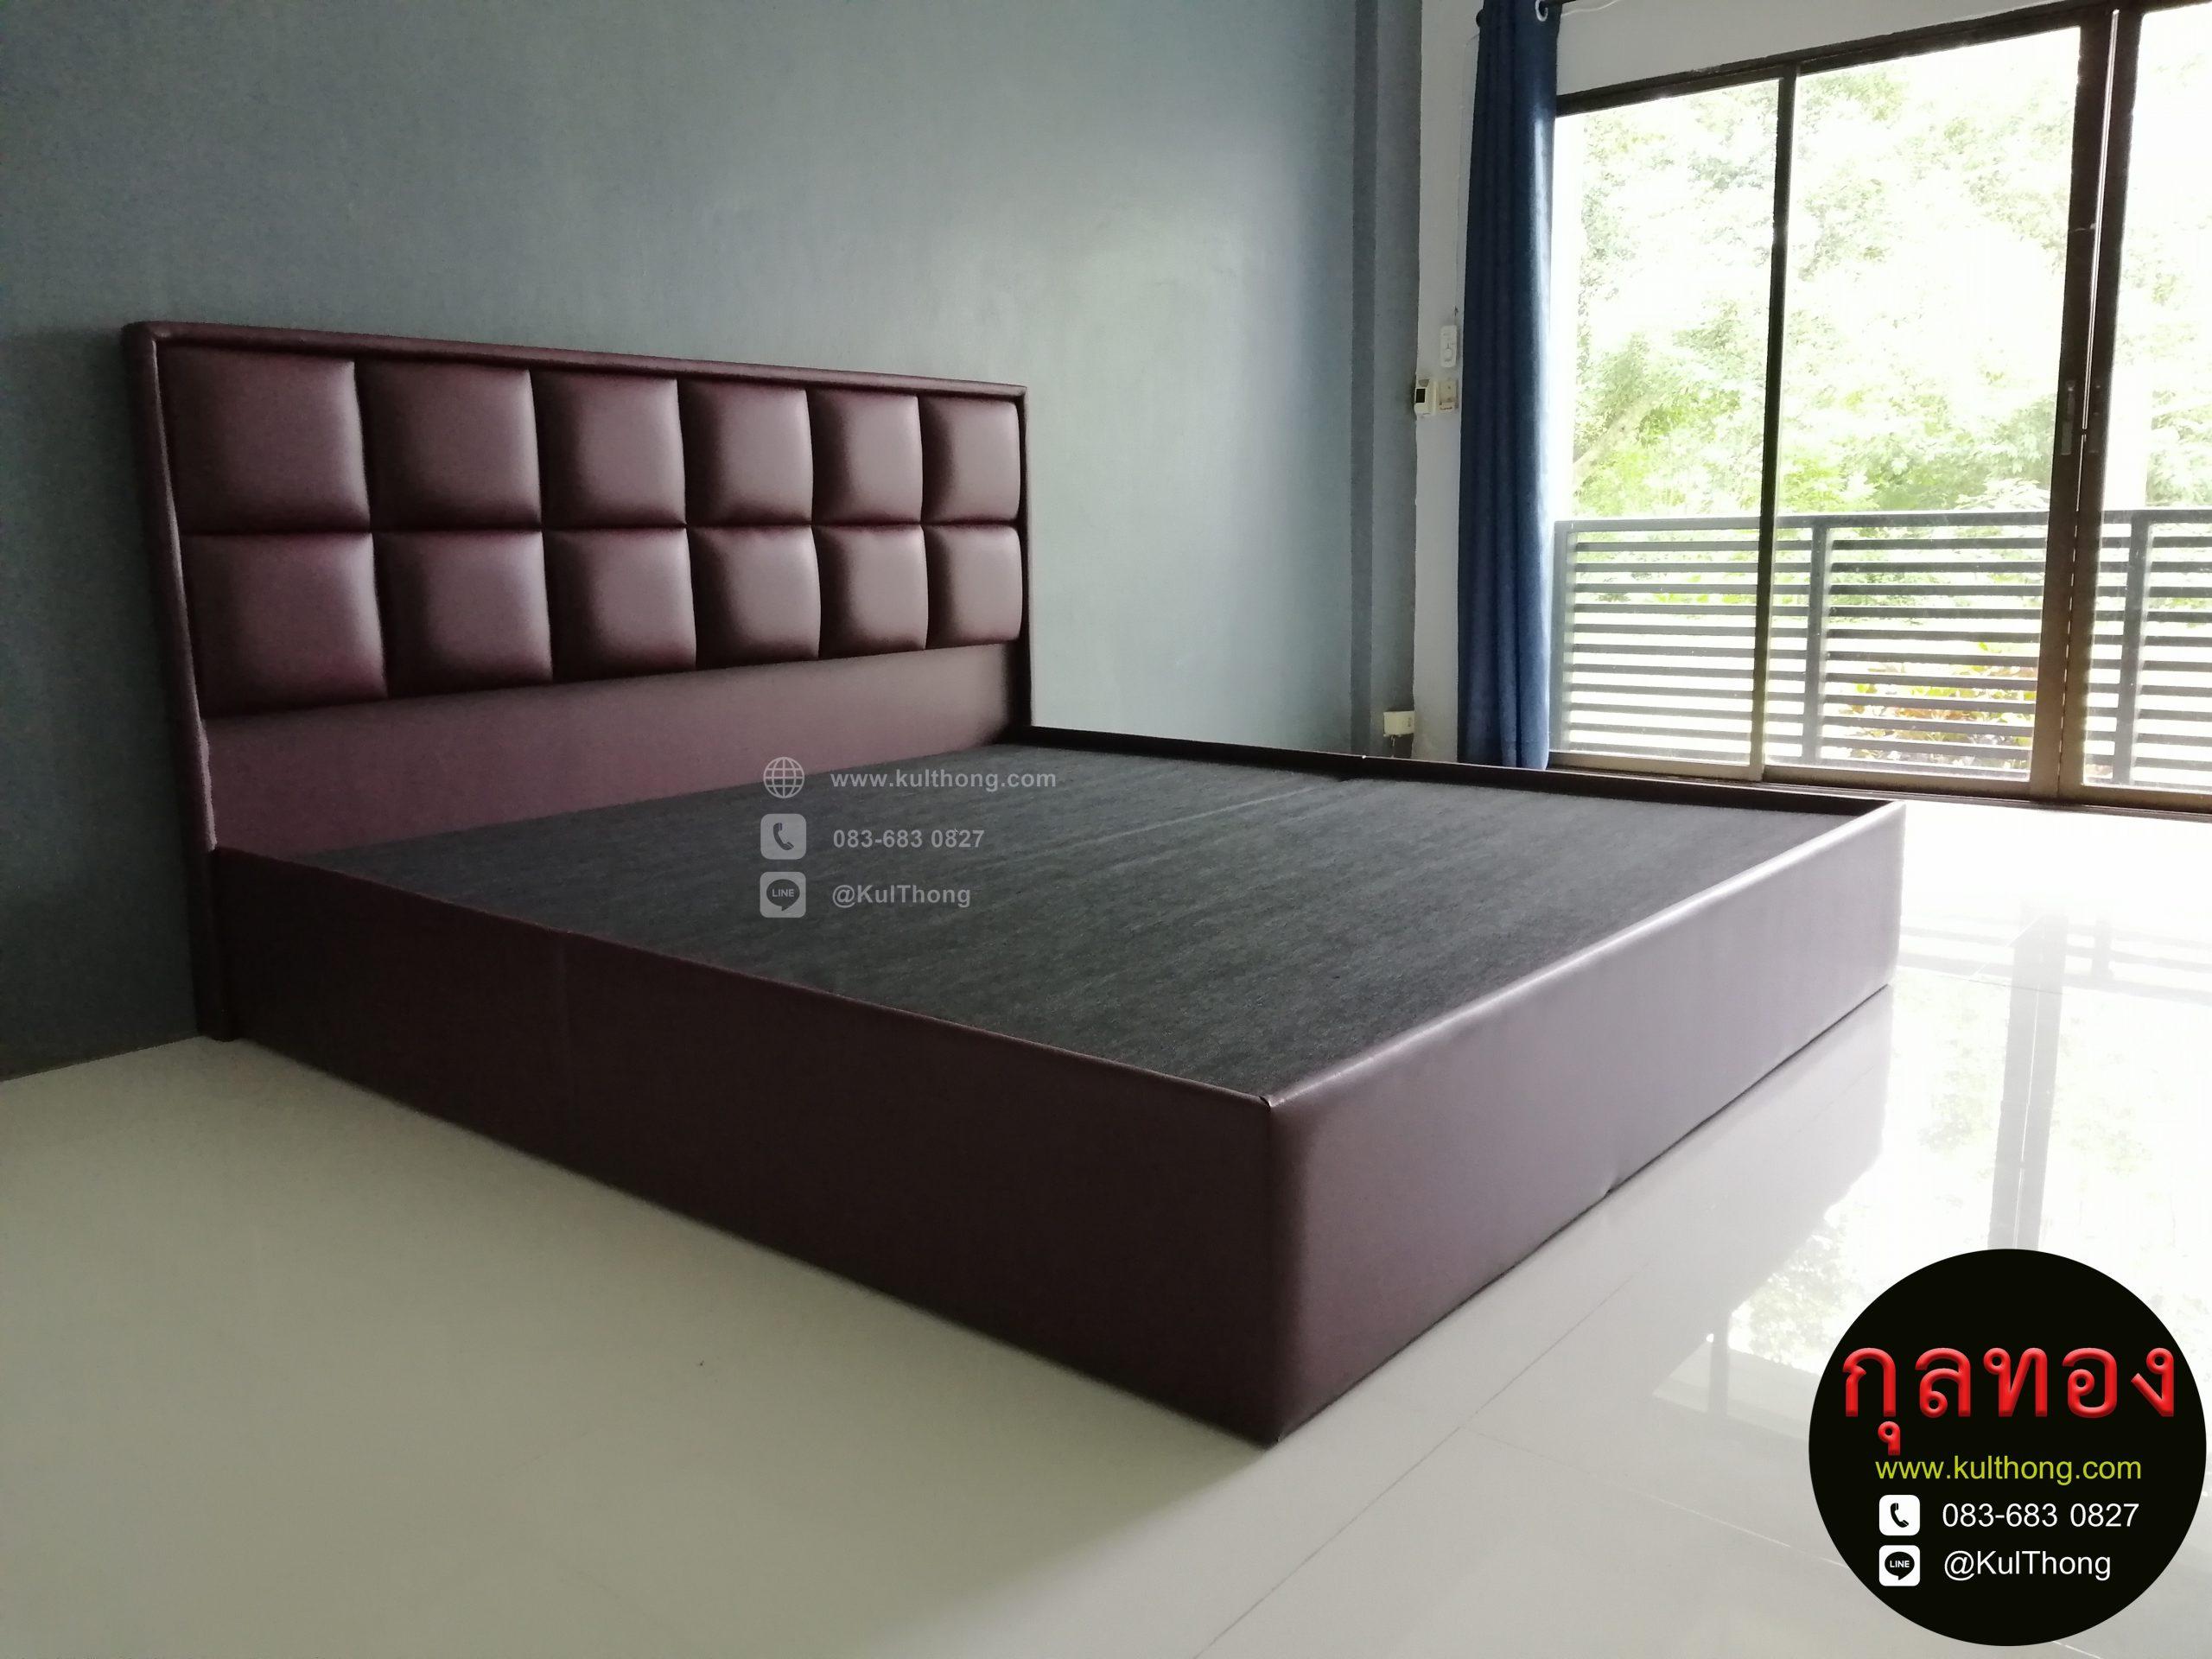 เตียงหุ้มหนังมีหัวเตียง ฐานรองที่นอน กาญจนบุรี